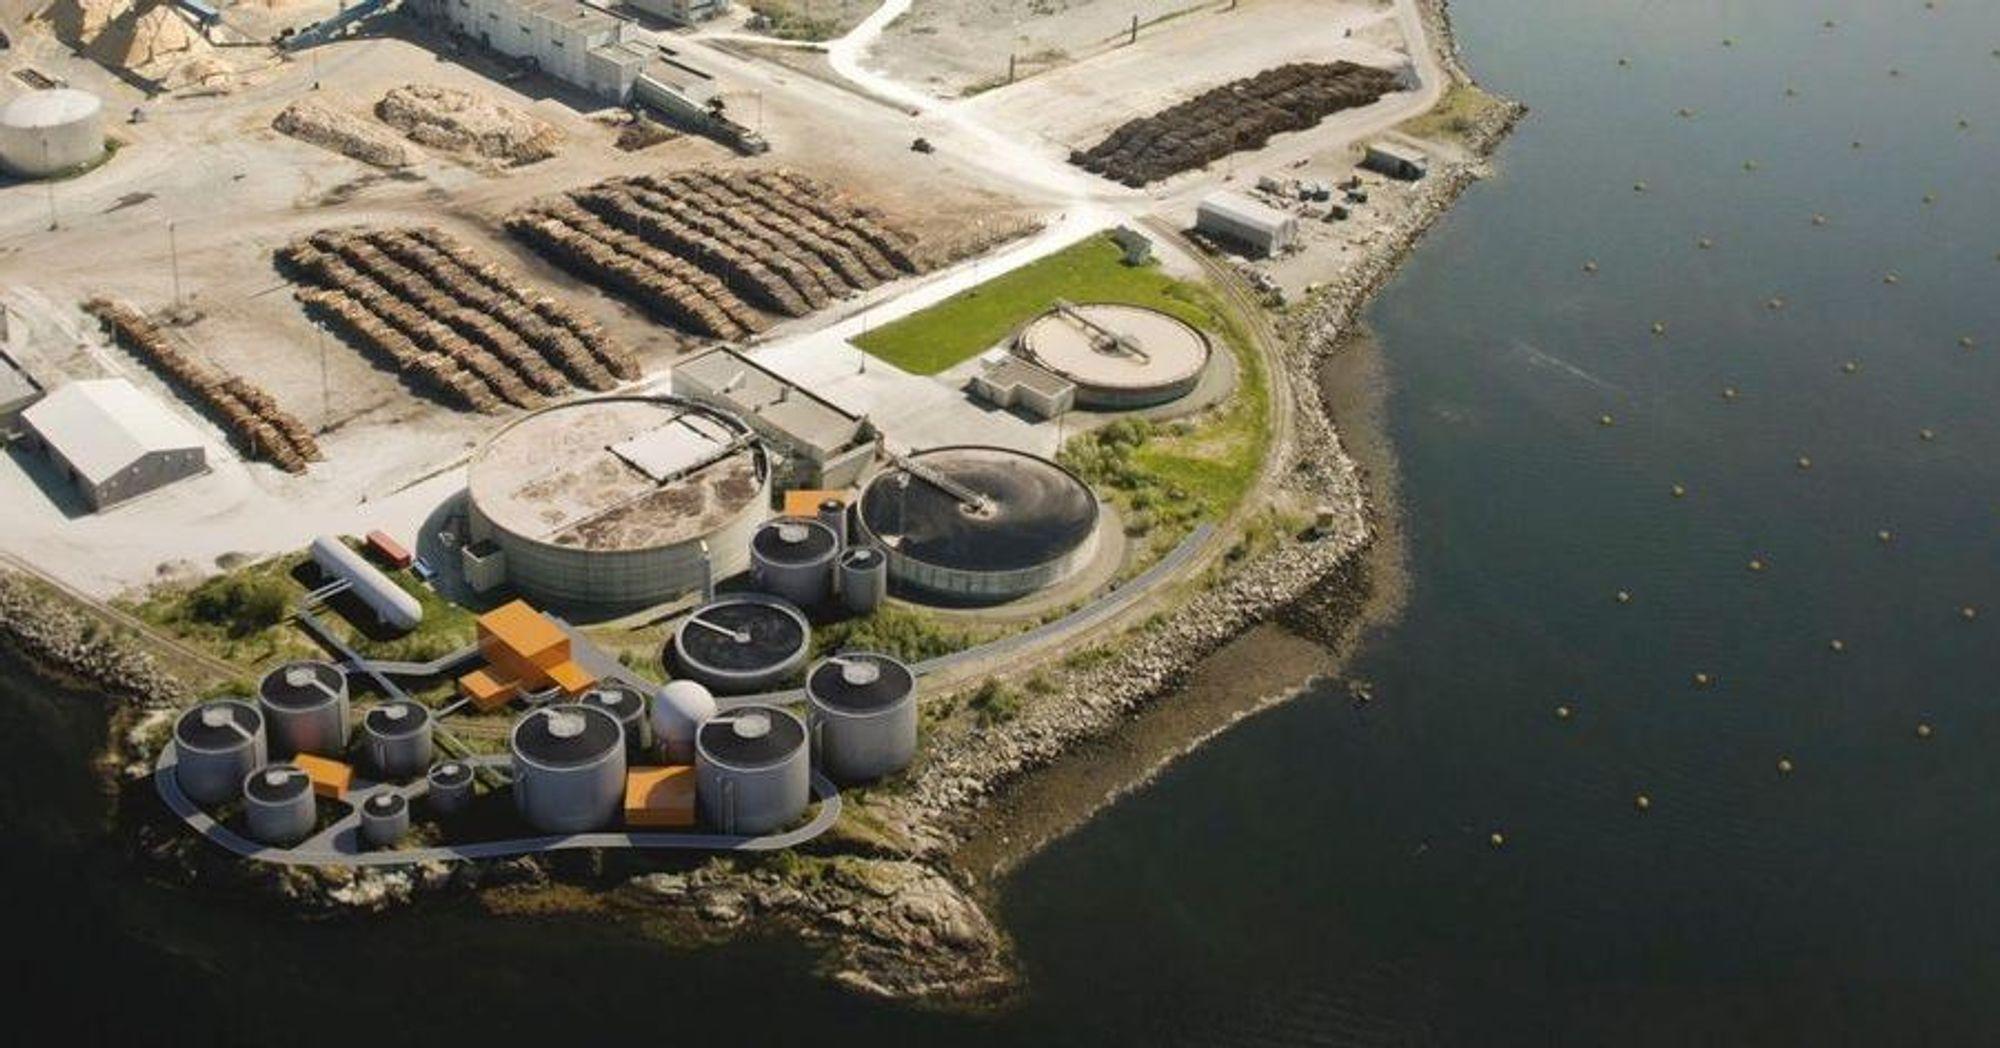 Slik blir det kommende biokraftanlegget som skal ligge vegg-i-vegg med Norske Skog Skogn på Fiborgtangen i Trøndelag.